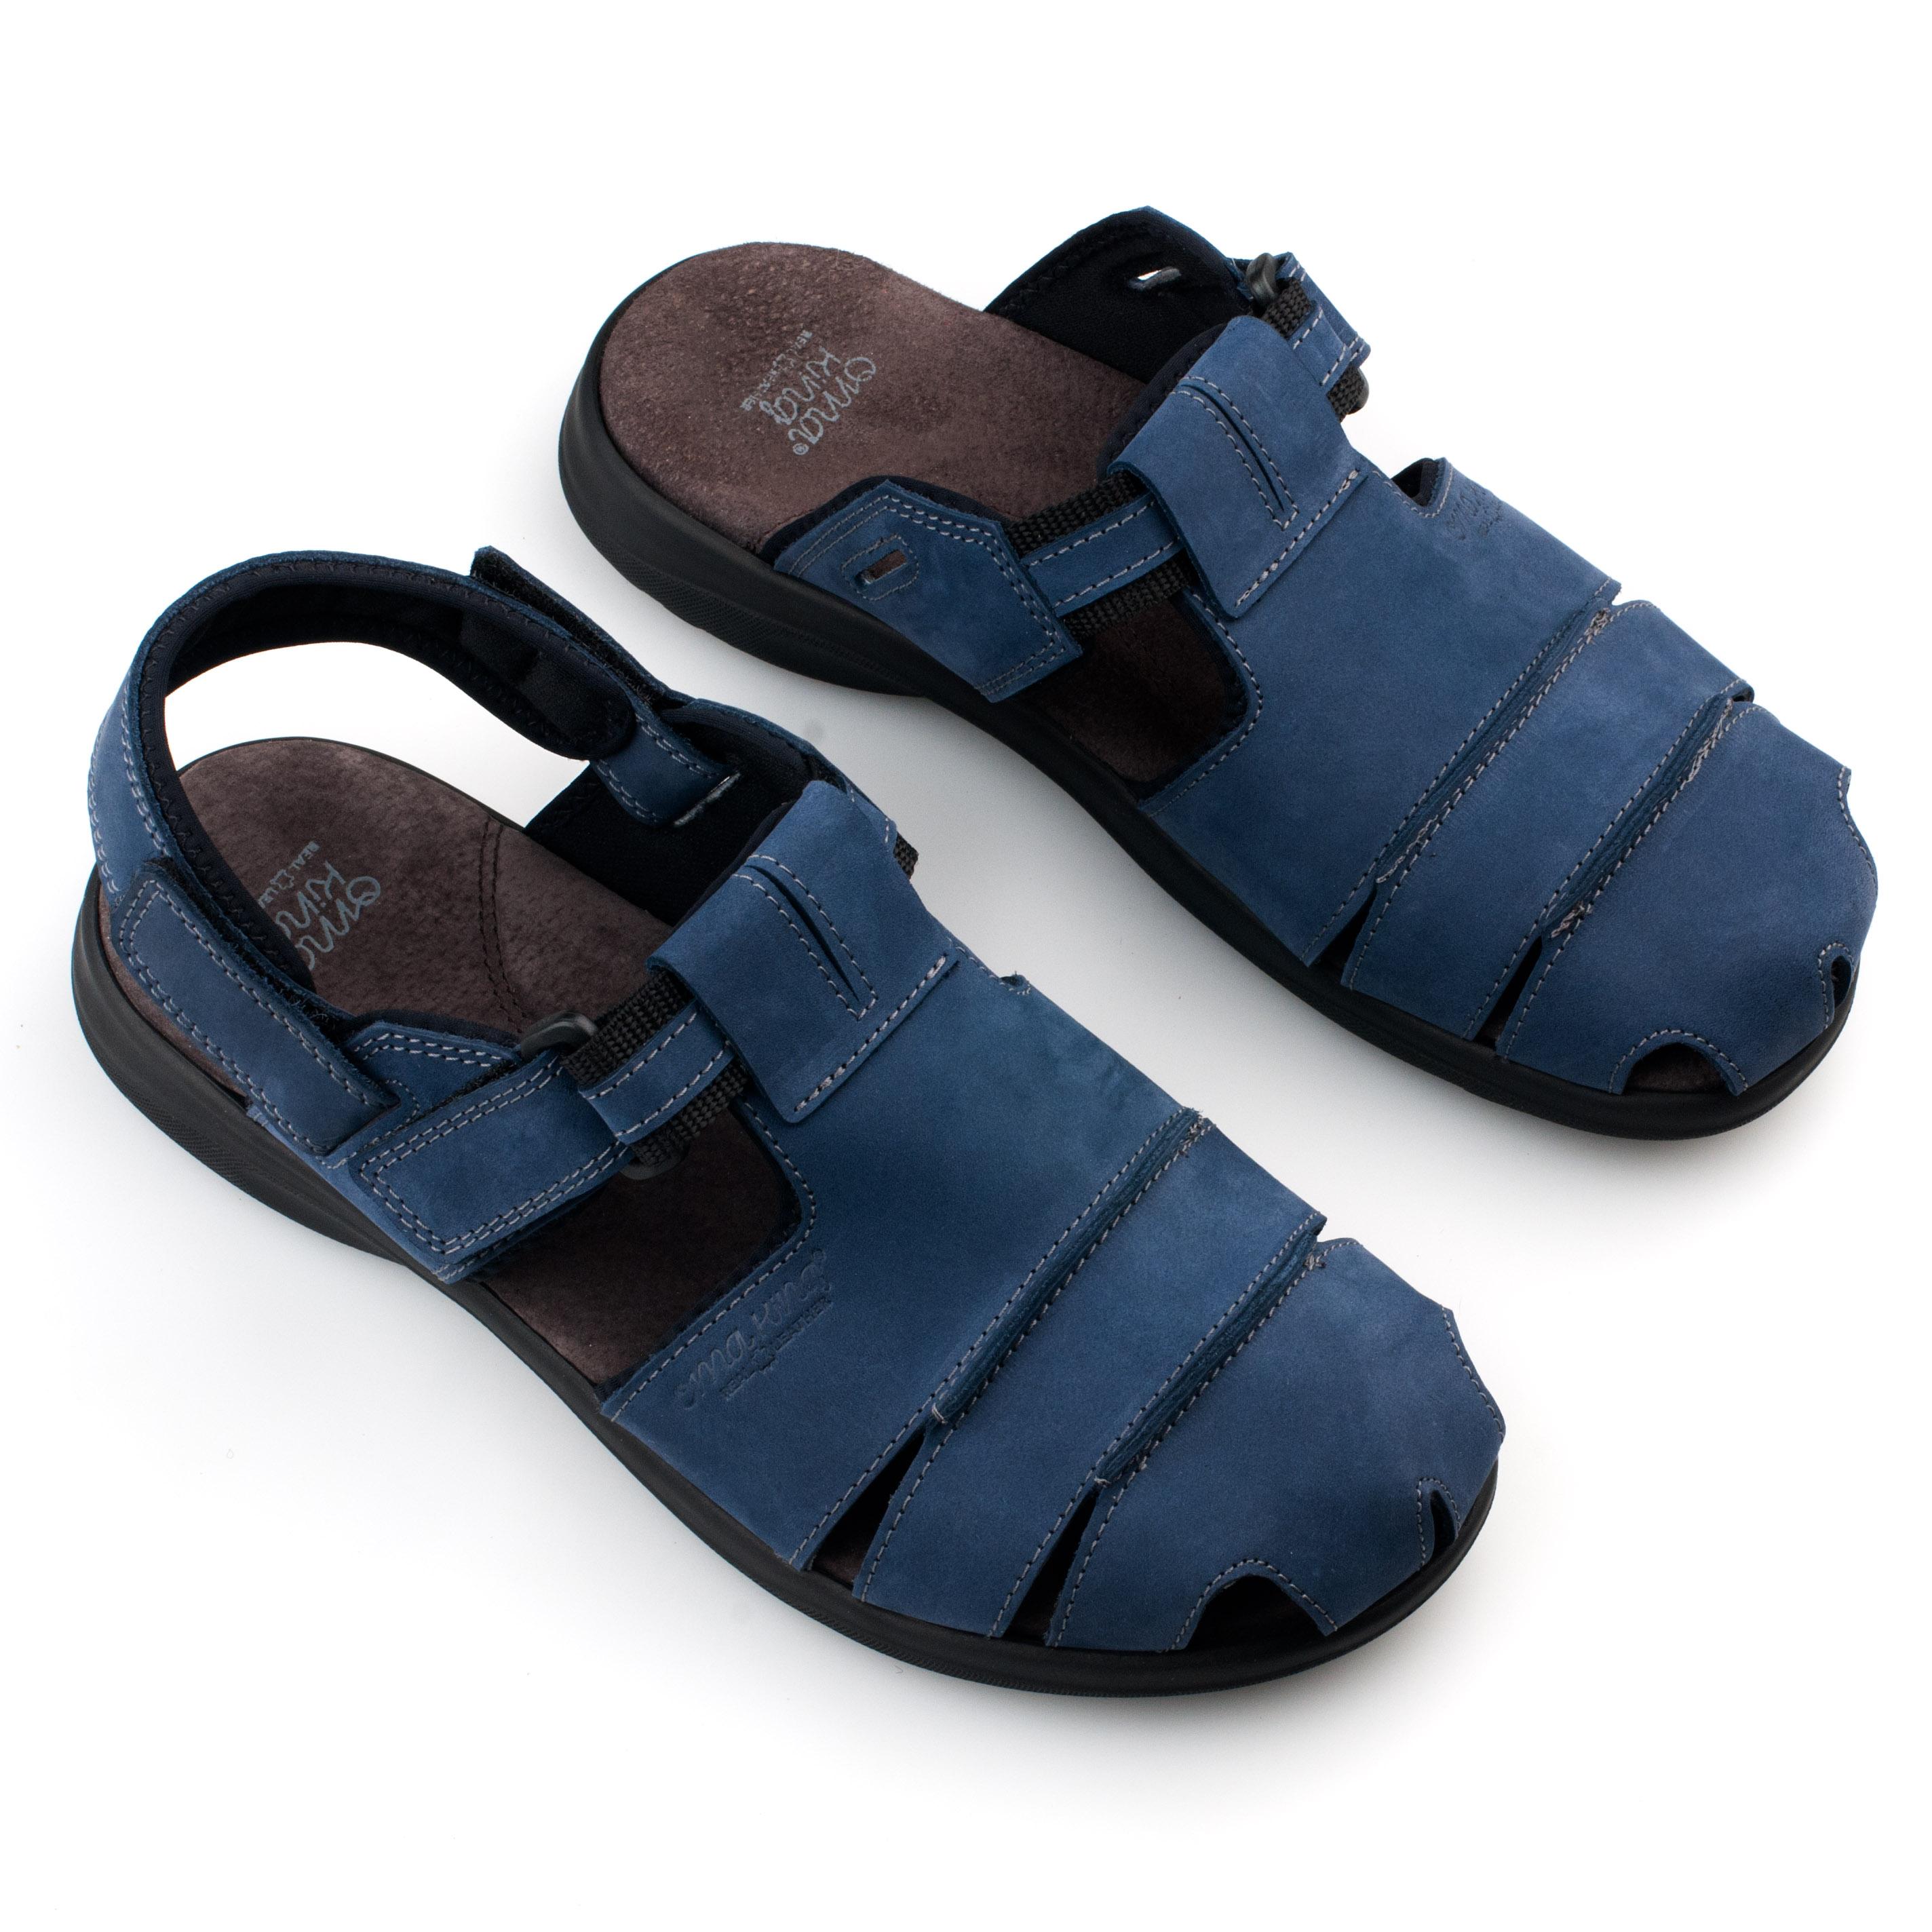 290ba5b8a10 OmaKing Classical kinnise ninaosaga nahast sandaalid Tootsi - OmaKing